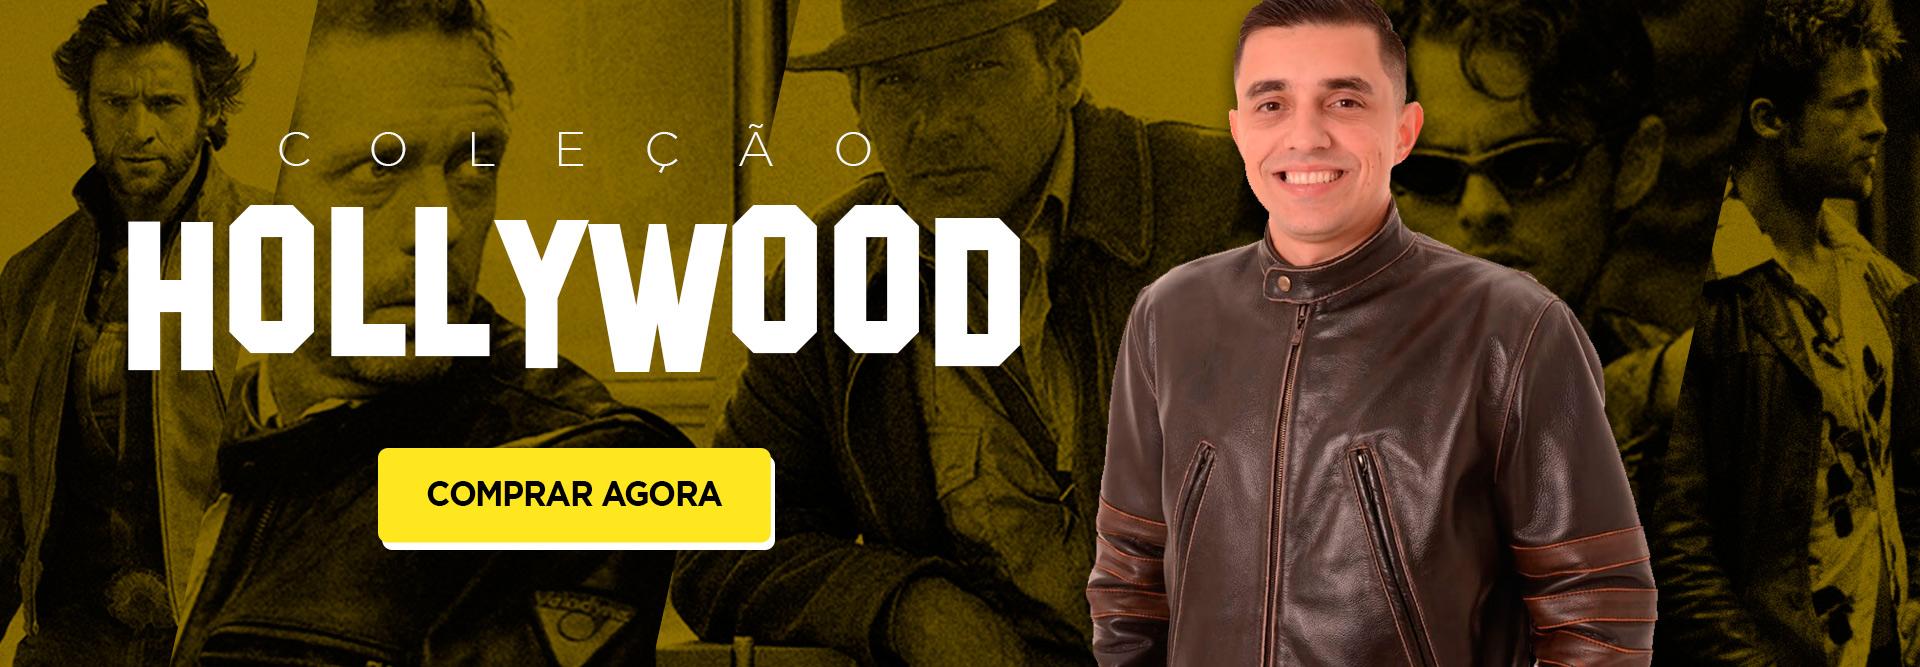 colecao-inverno-cinema-hollywood